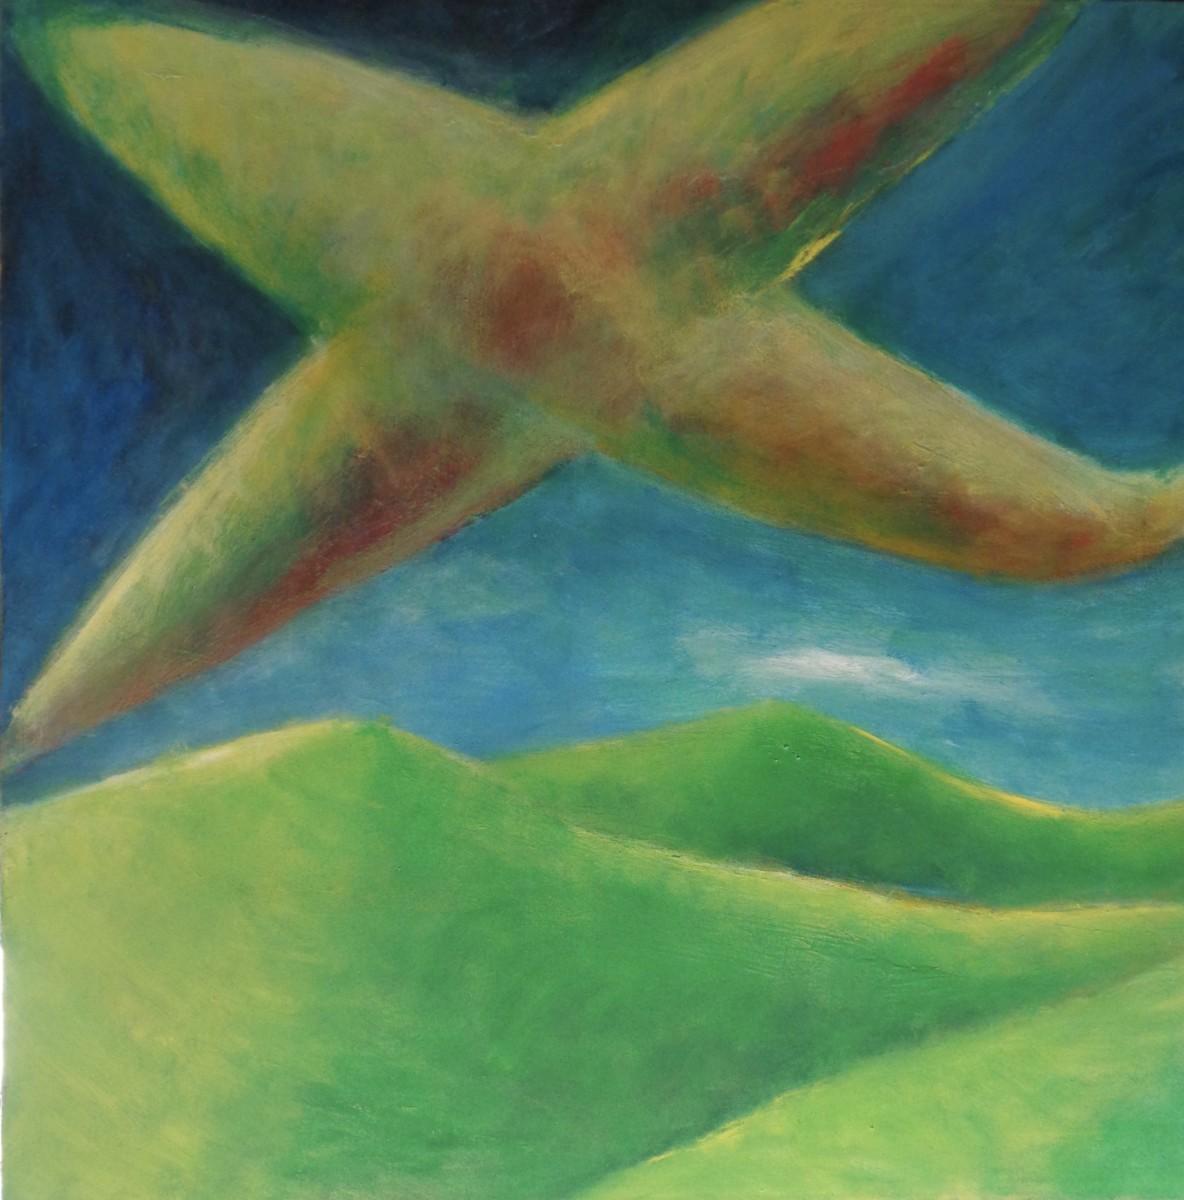 1211 Plane Over Hills by Judy Gittelsohn